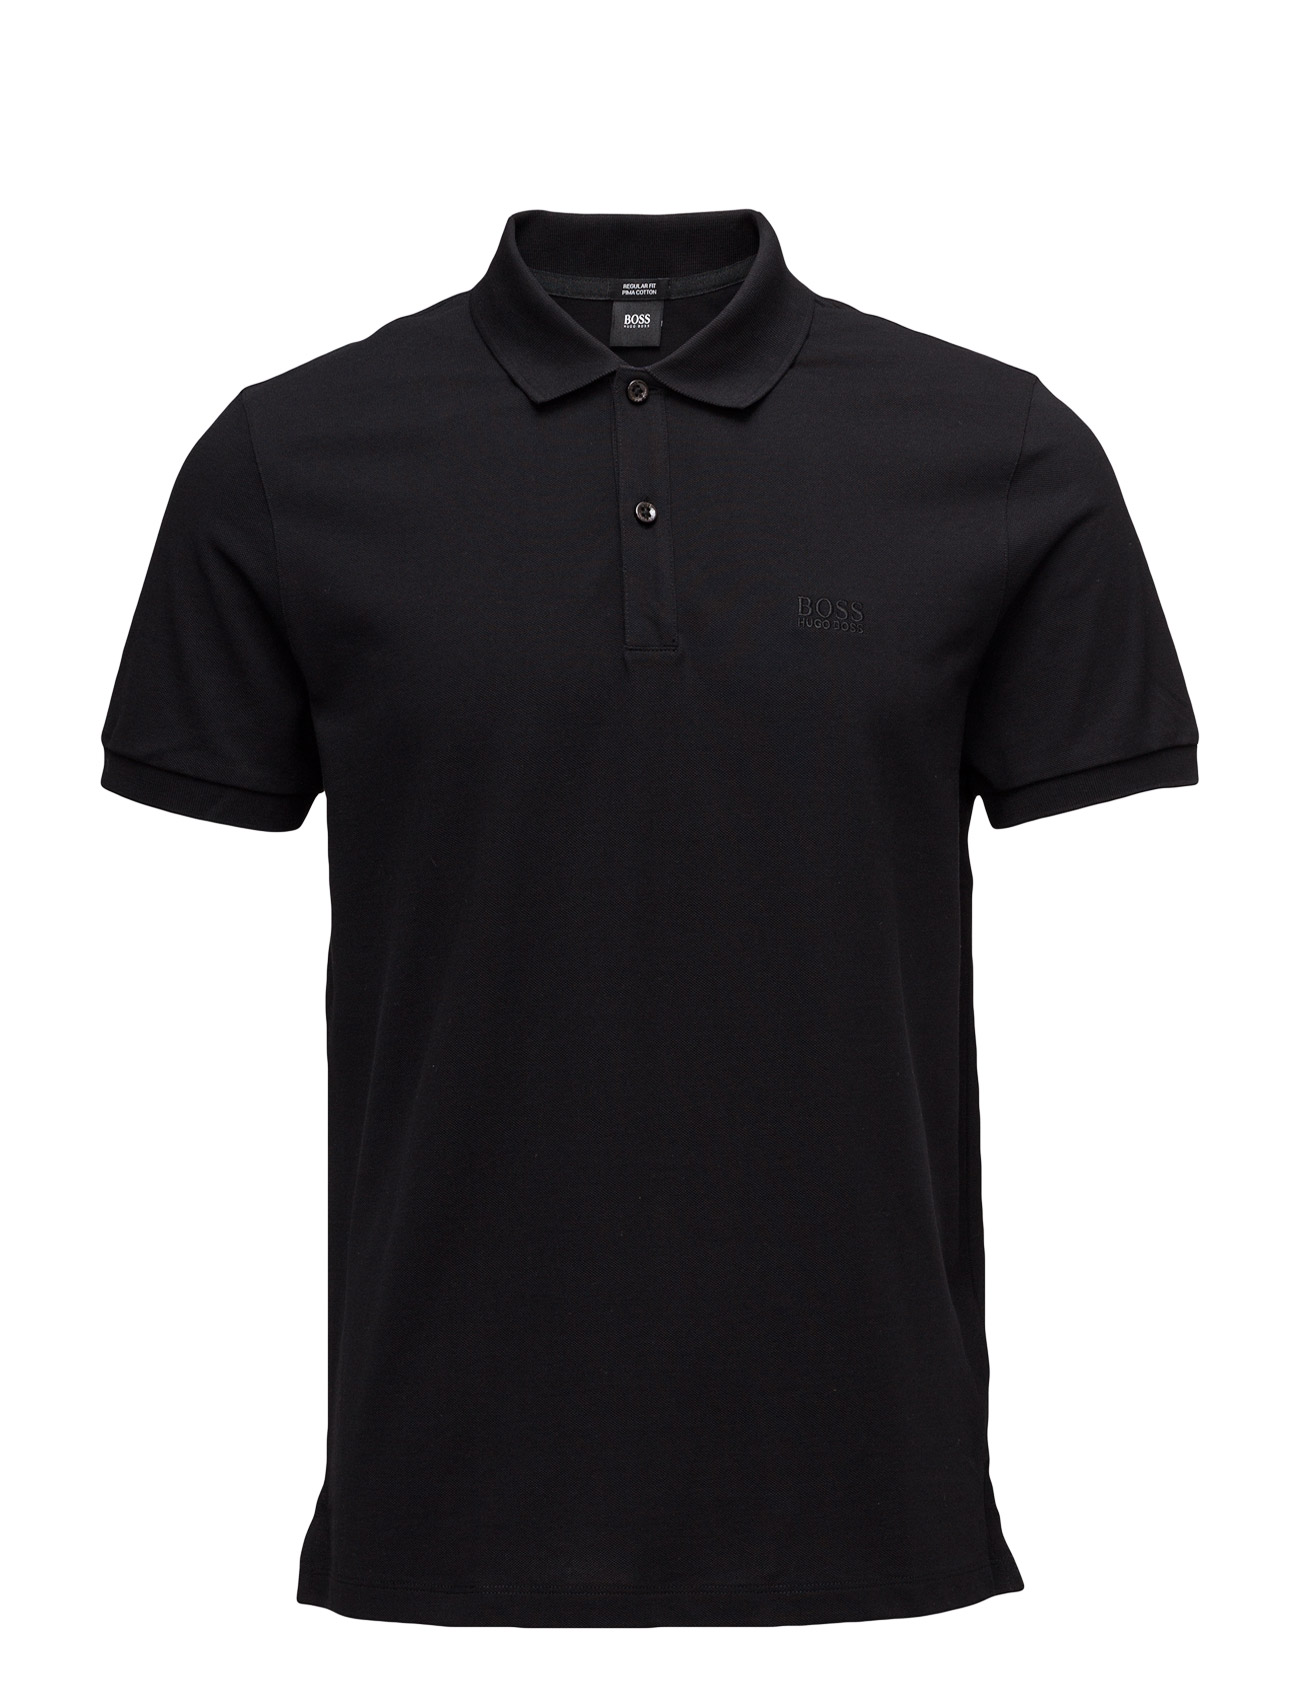 Pallas BOSS Kortærmede polo t-shirts til Mænd i Mellem grå